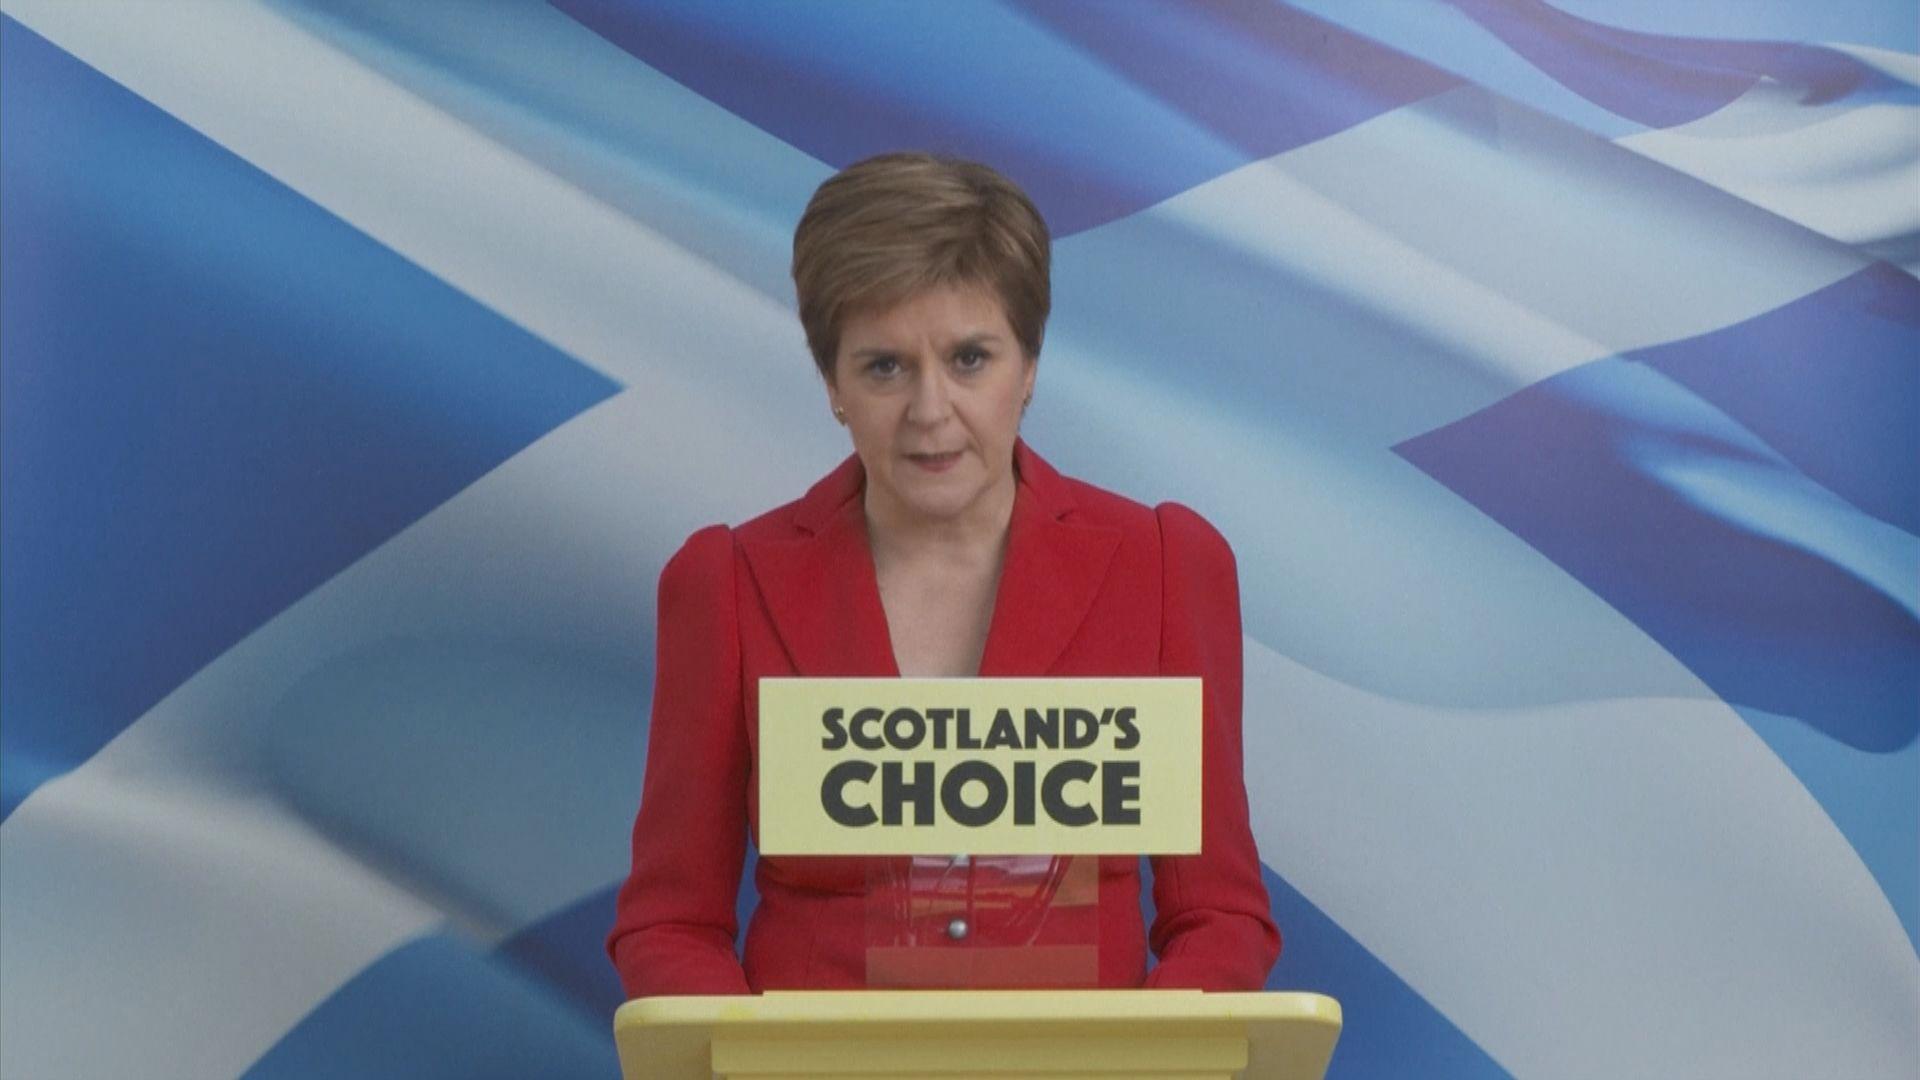 英國地方選舉料蘇格蘭民族黨無法取得過半數